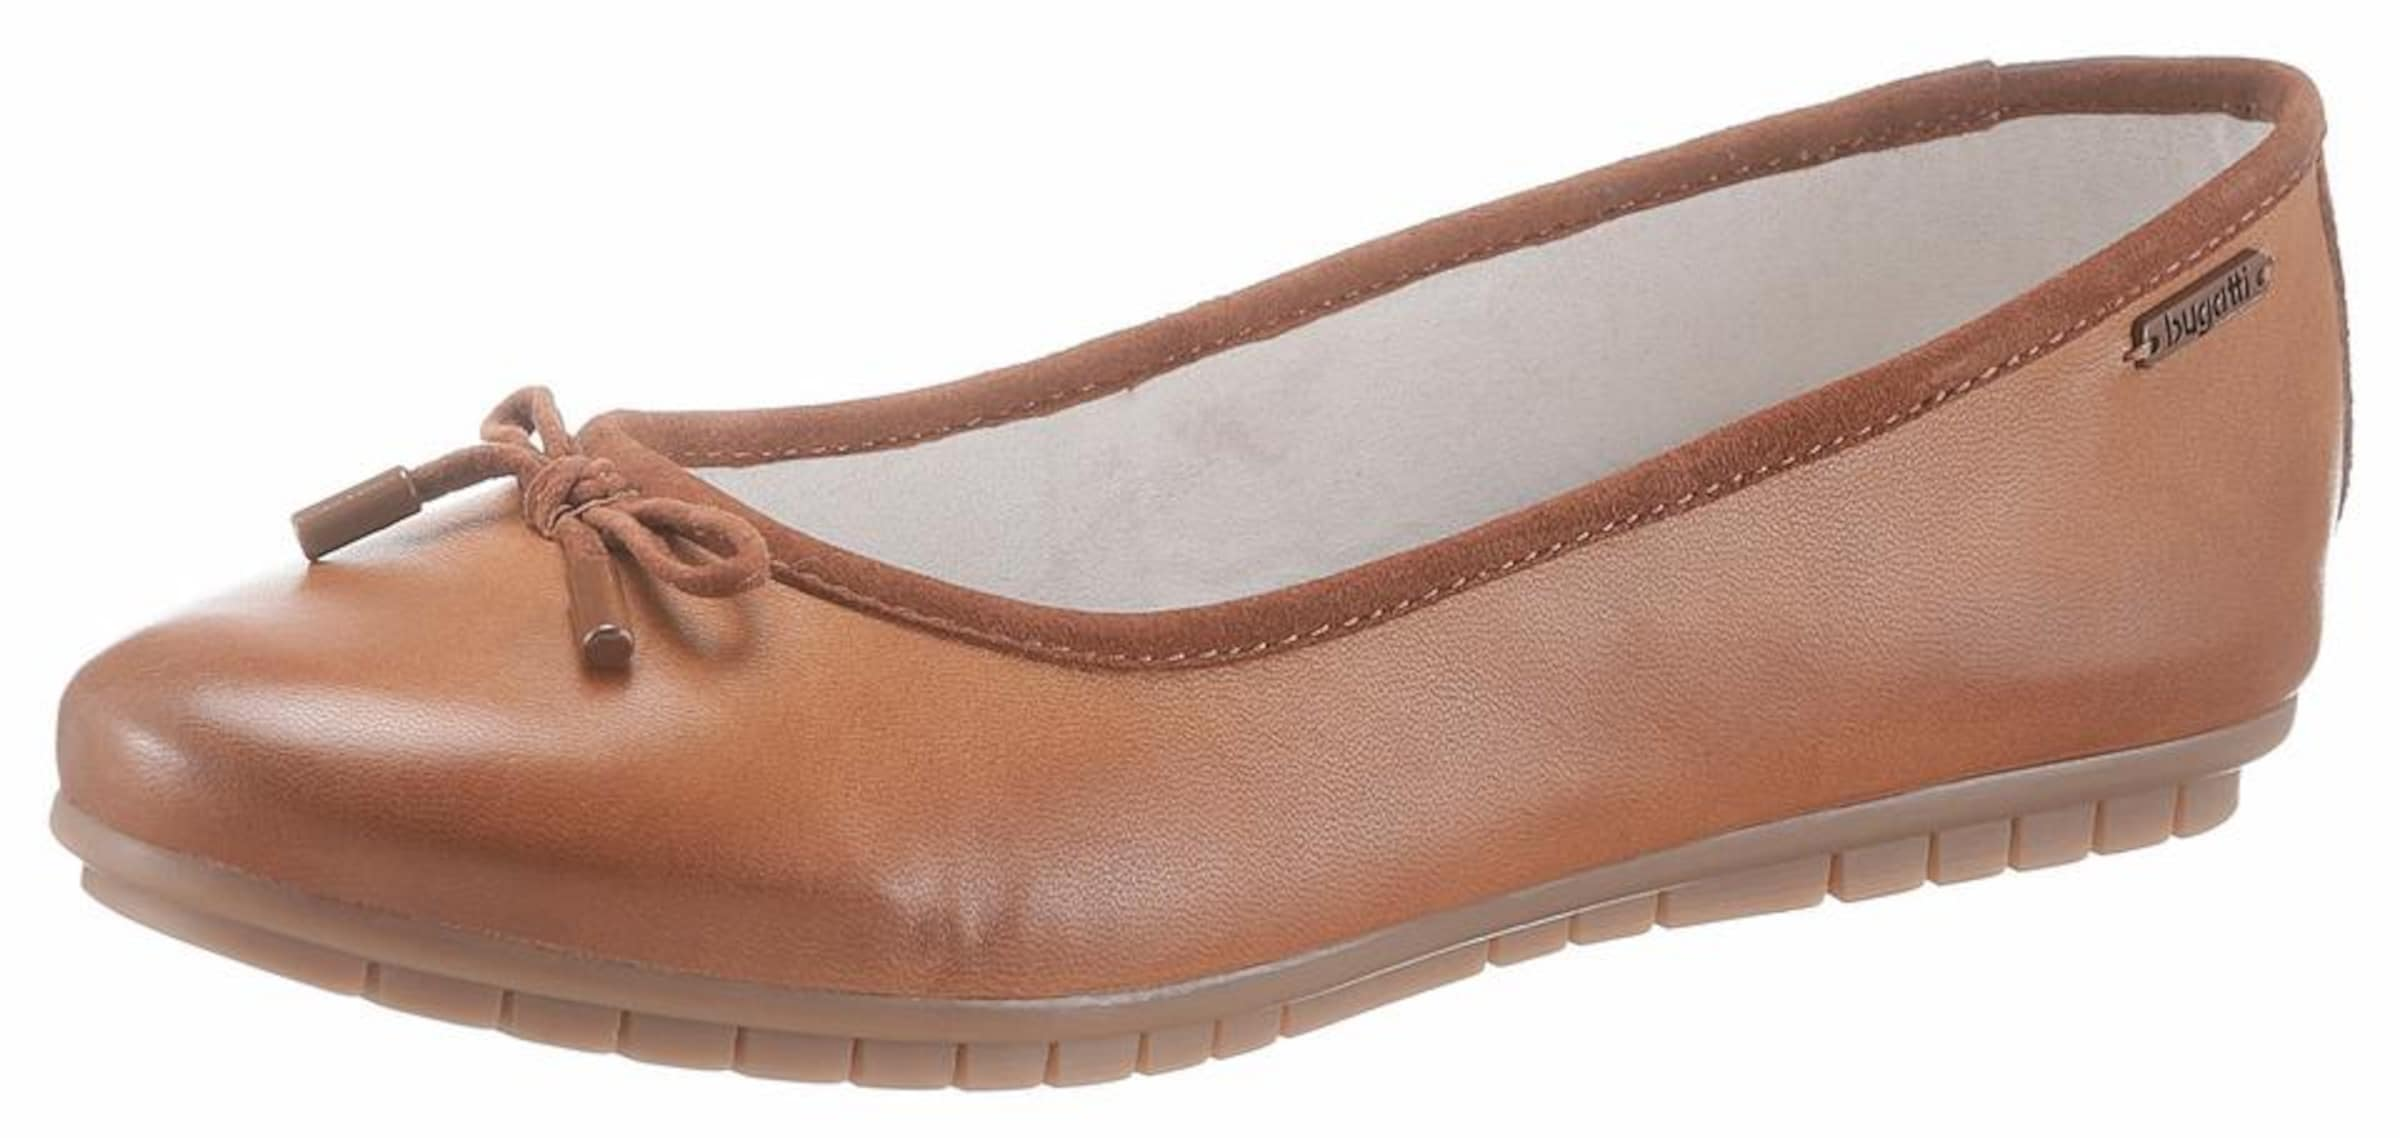 bugatti Ballerina Verschleißfeste billige Schuhe Hohe Qualität